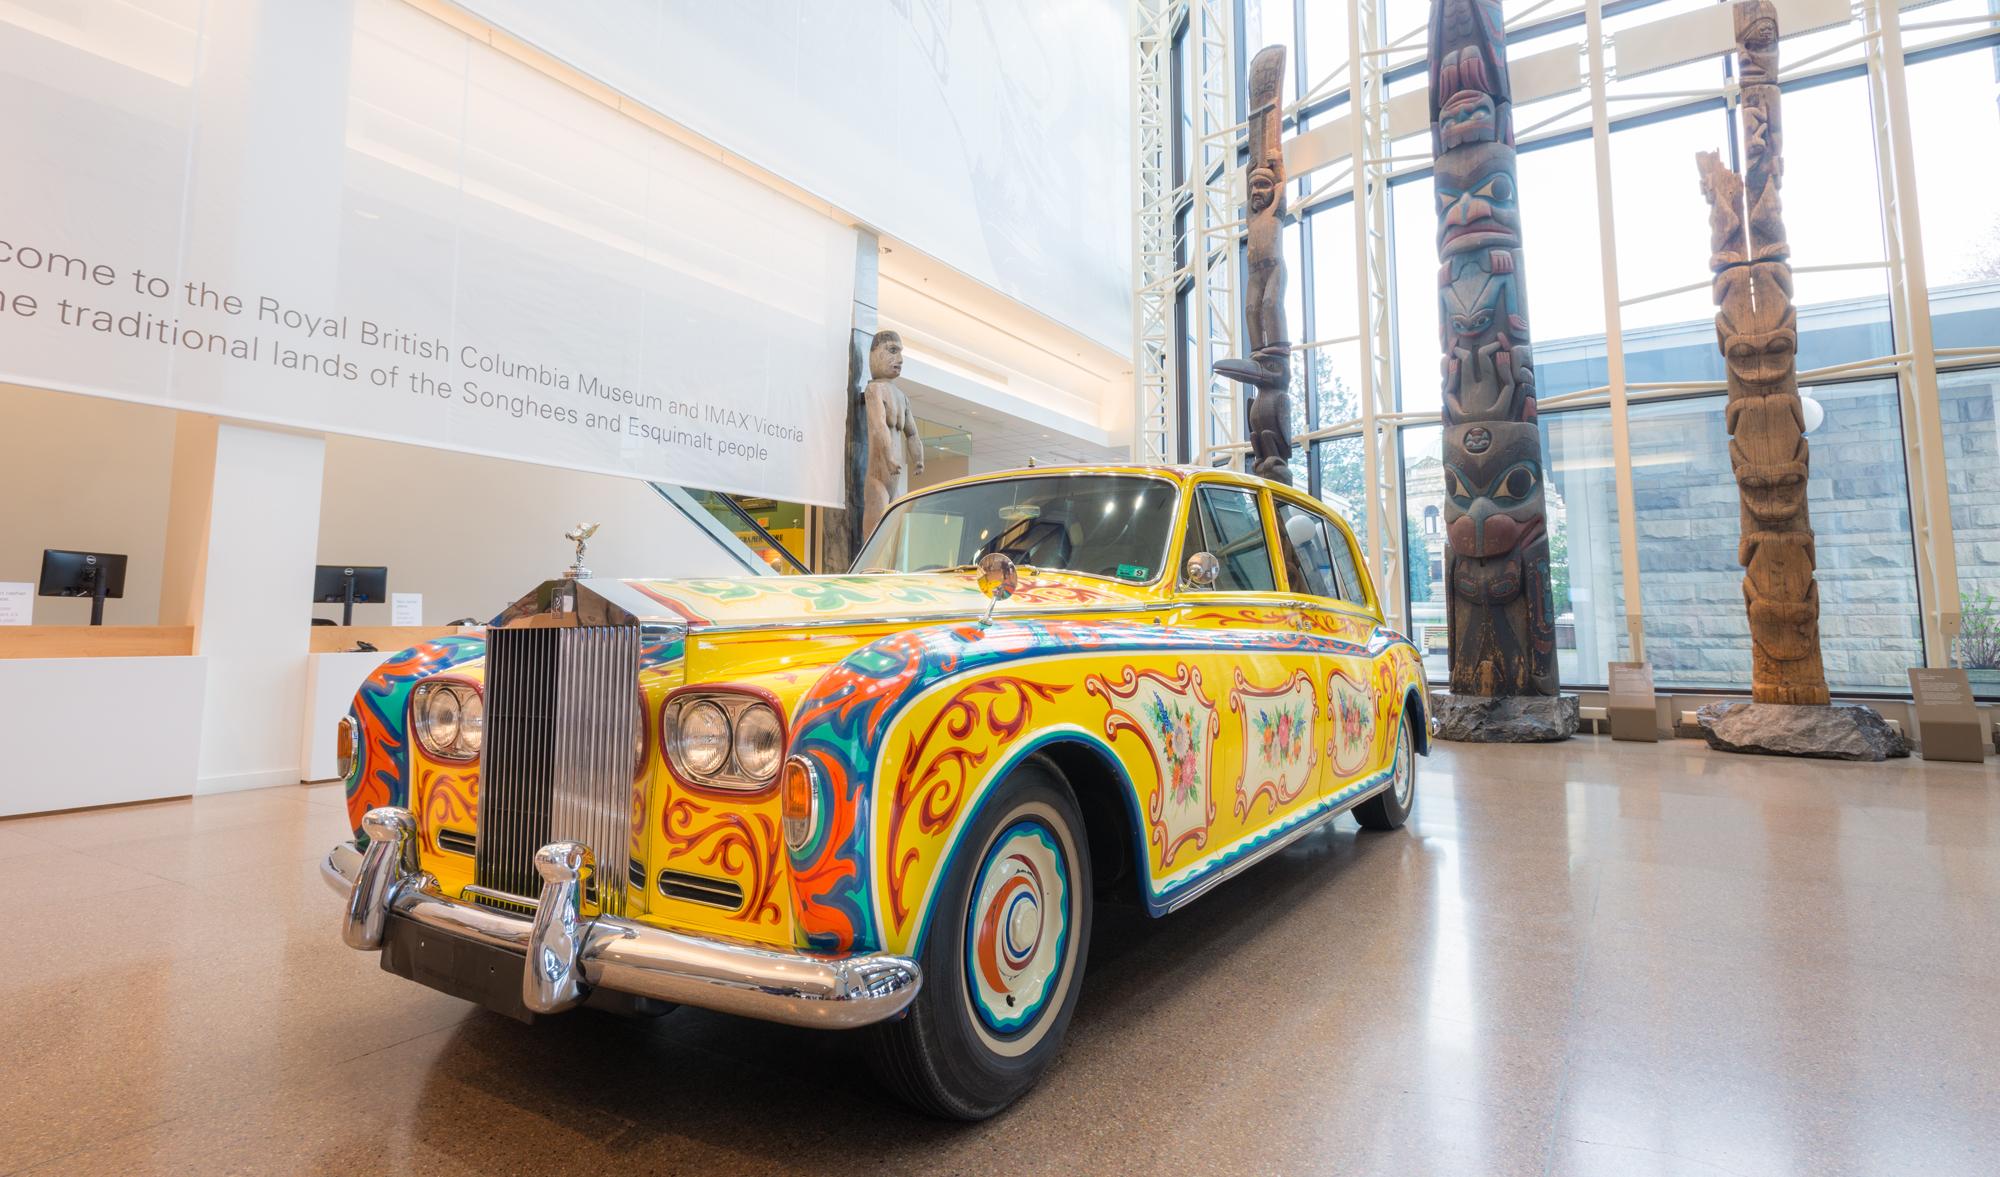 John Lennon's 1965 Rolls Royce Phantom V Touring Limousine